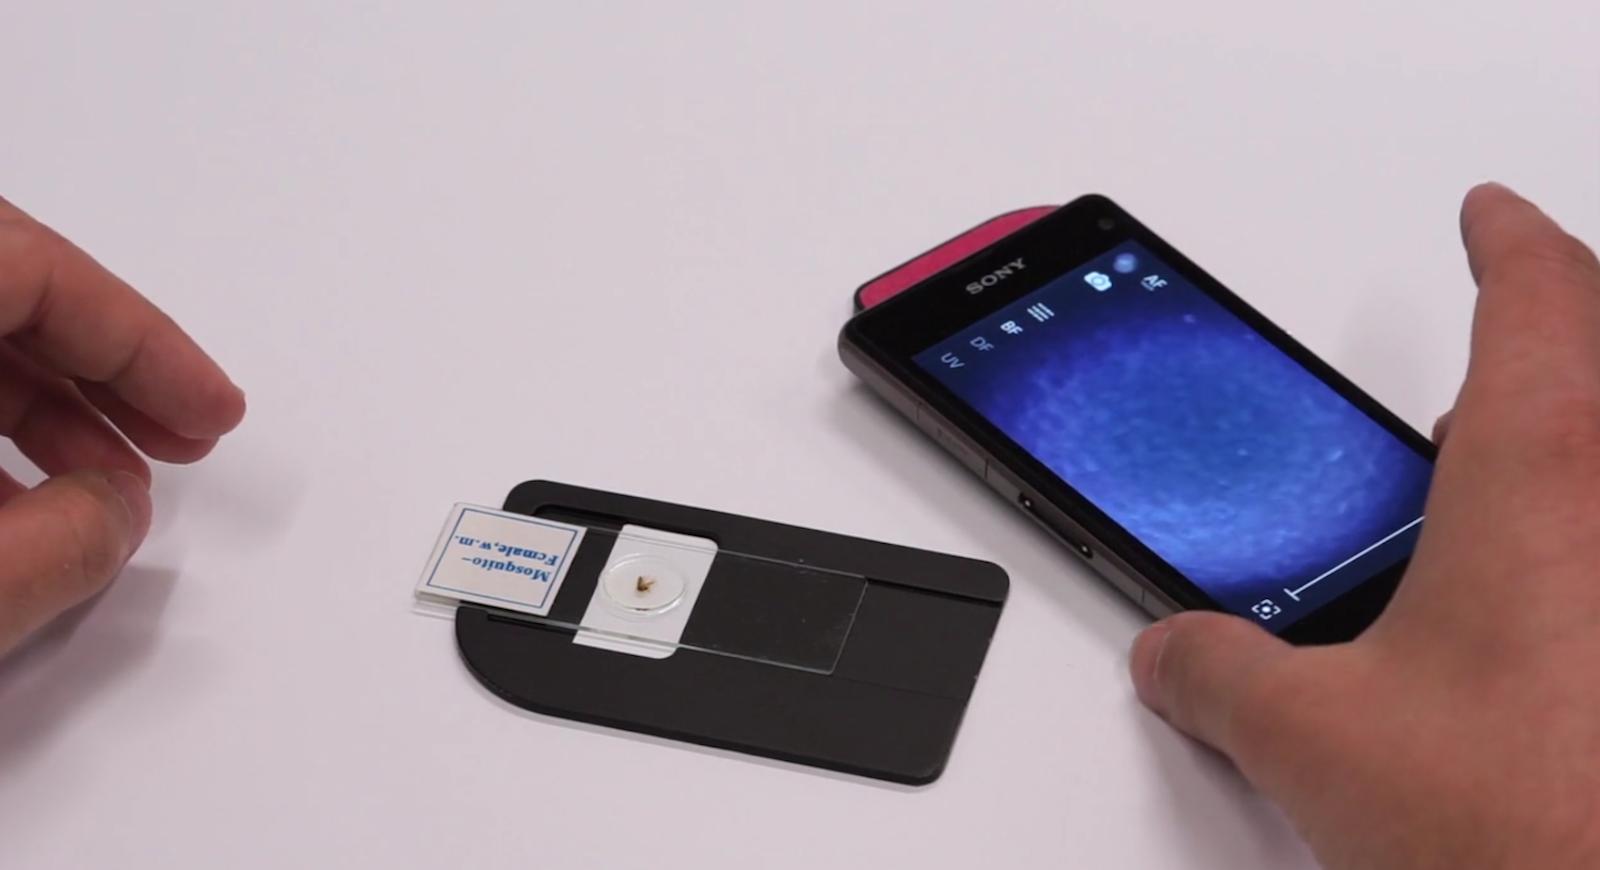 Mit wenigen Handgriffen lässt sich ein Objekt für die Smartphone-Mikroskopie vorbereiten. Angeblich zeigen Ärzte und Forscher bereits Interesse.